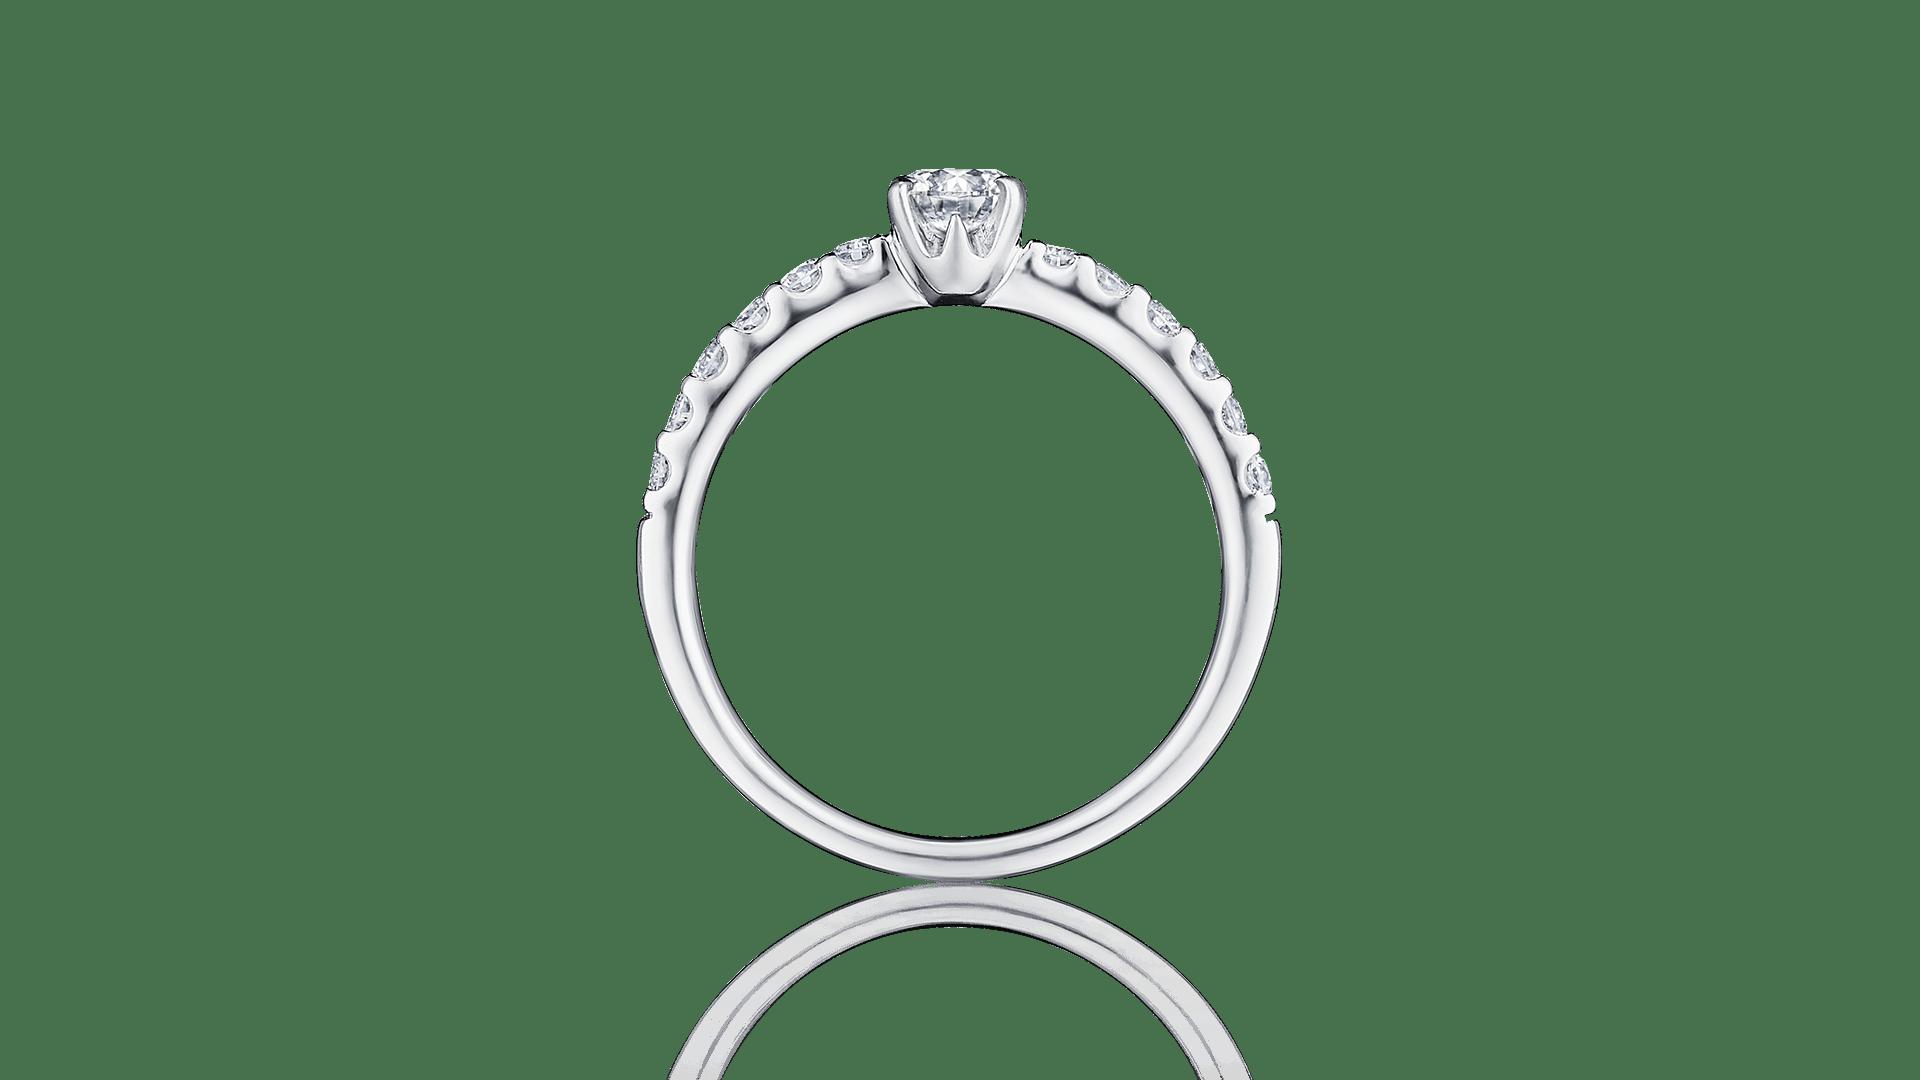 stella ステラ | 婚約指輪サムネイル 2